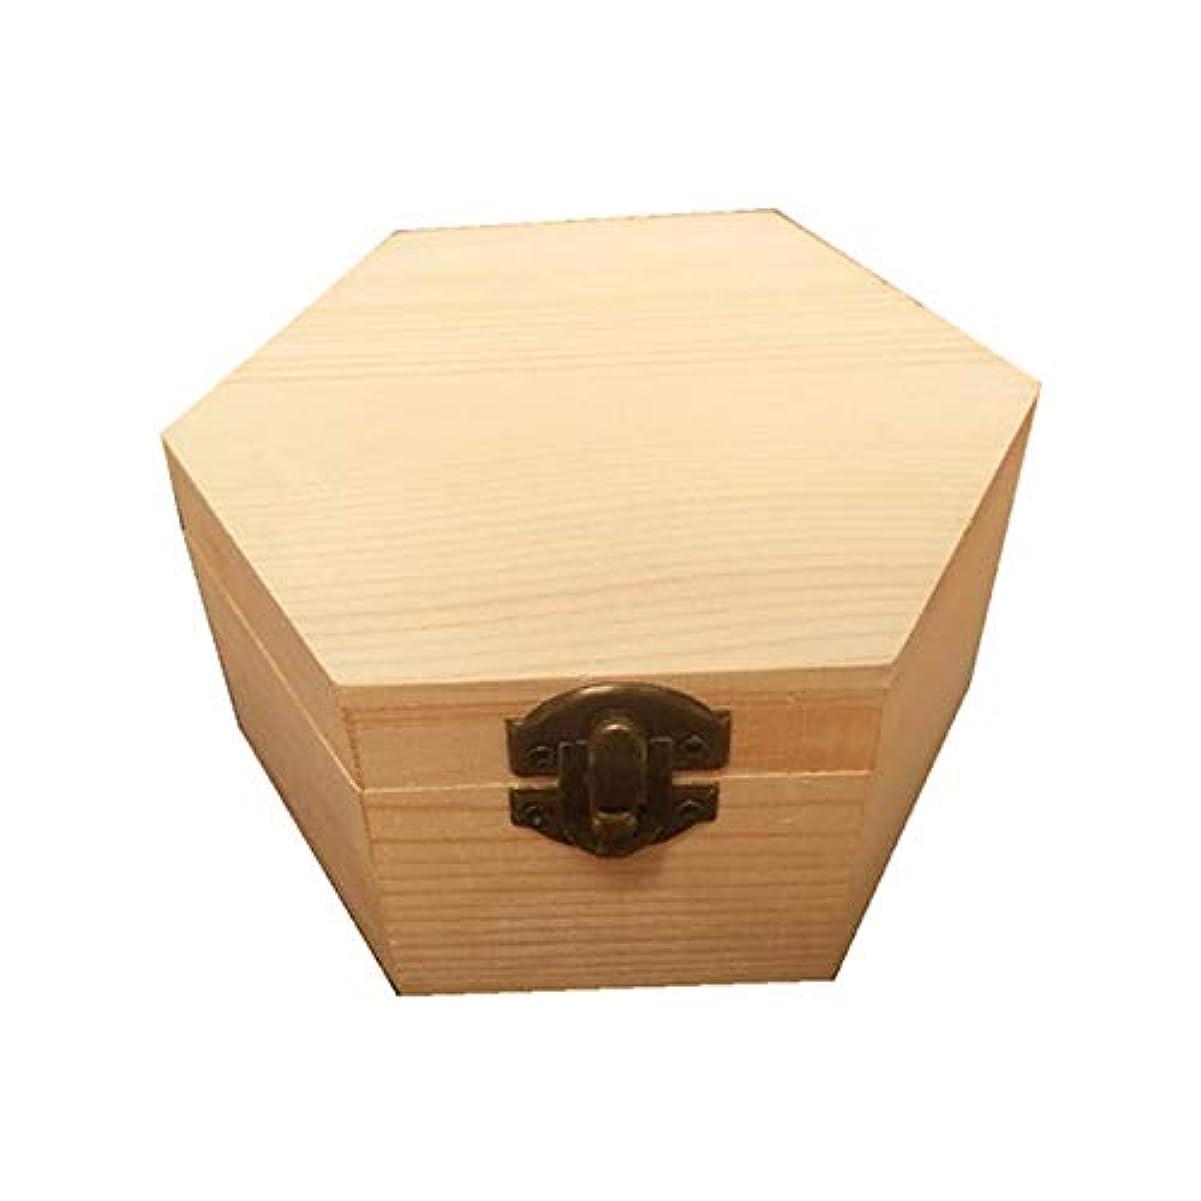 バラエティ彼らの家主エッセンシャルオイルボックス エッセンシャルオイル手作りの木製ギフトボックス完璧な耐久性のあるケース アロマセラピー収納ボックス (色 : Natural, サイズ : 13X11.3X6.8CM)